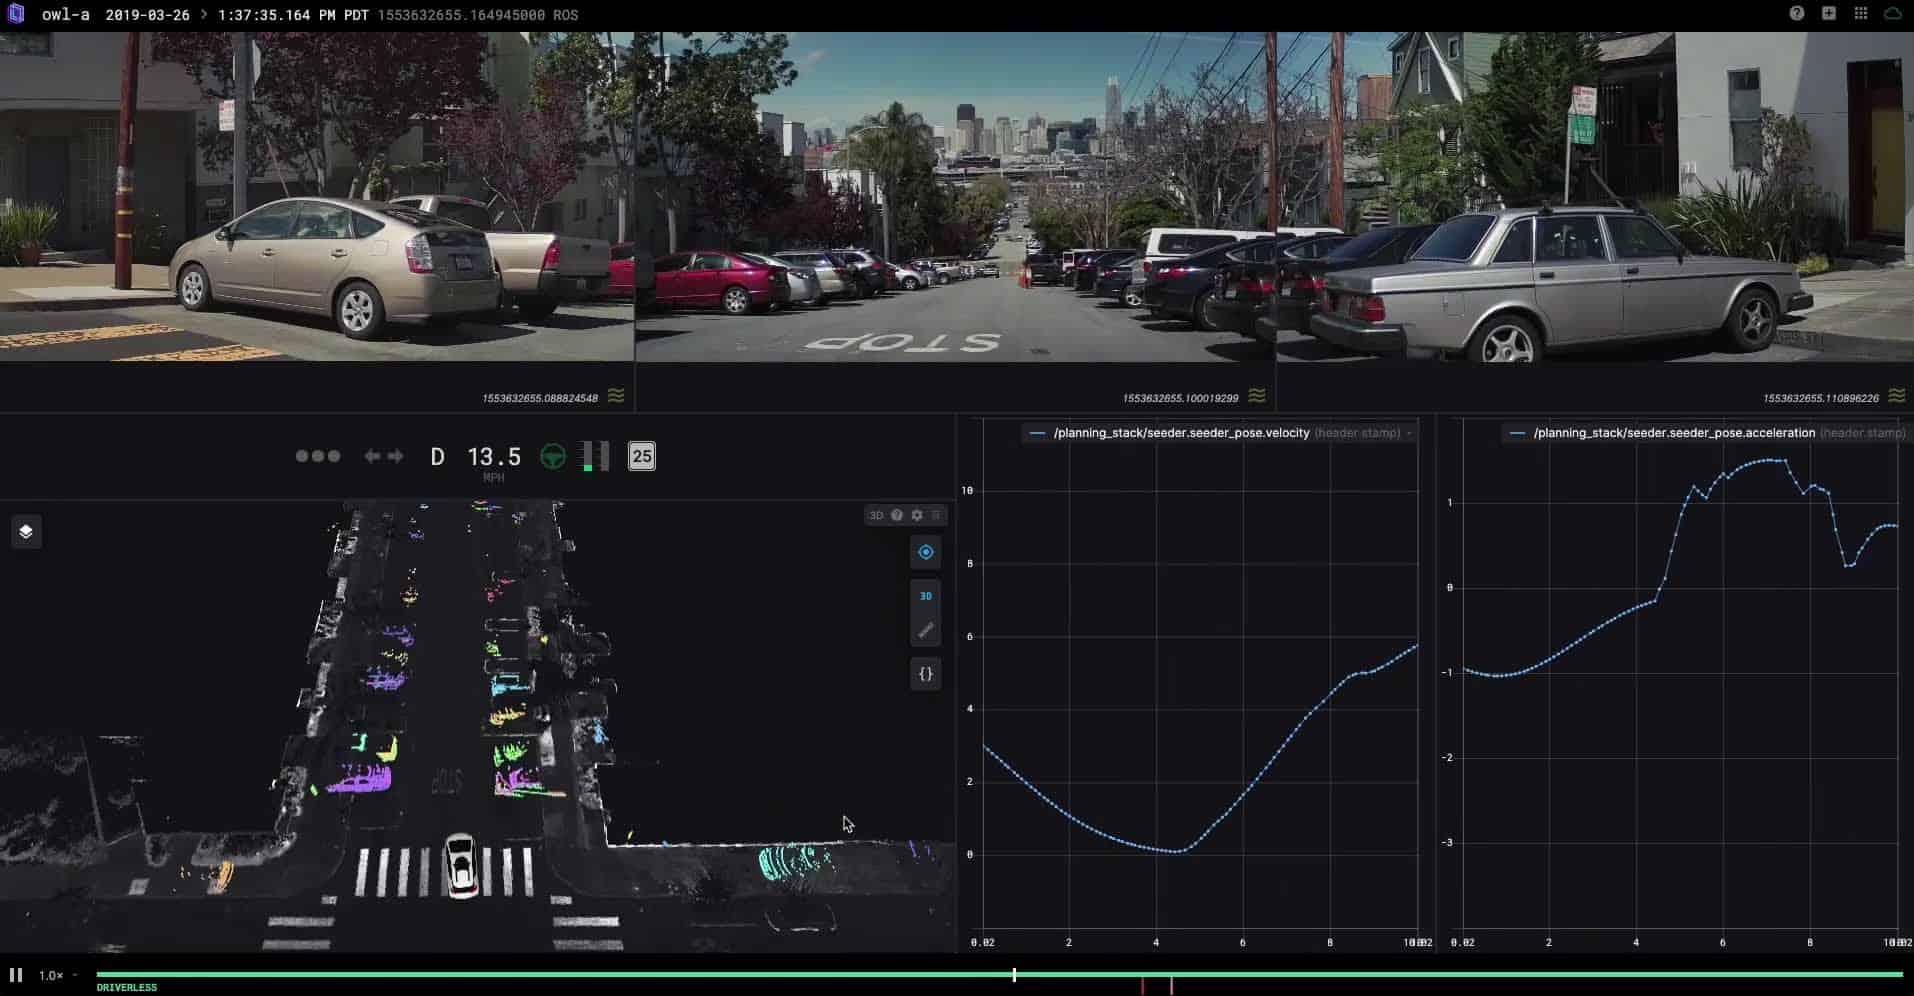 الفوضى تفرض نفسها أمام السيارات ذاتية القيادة في العالم الحقيقي